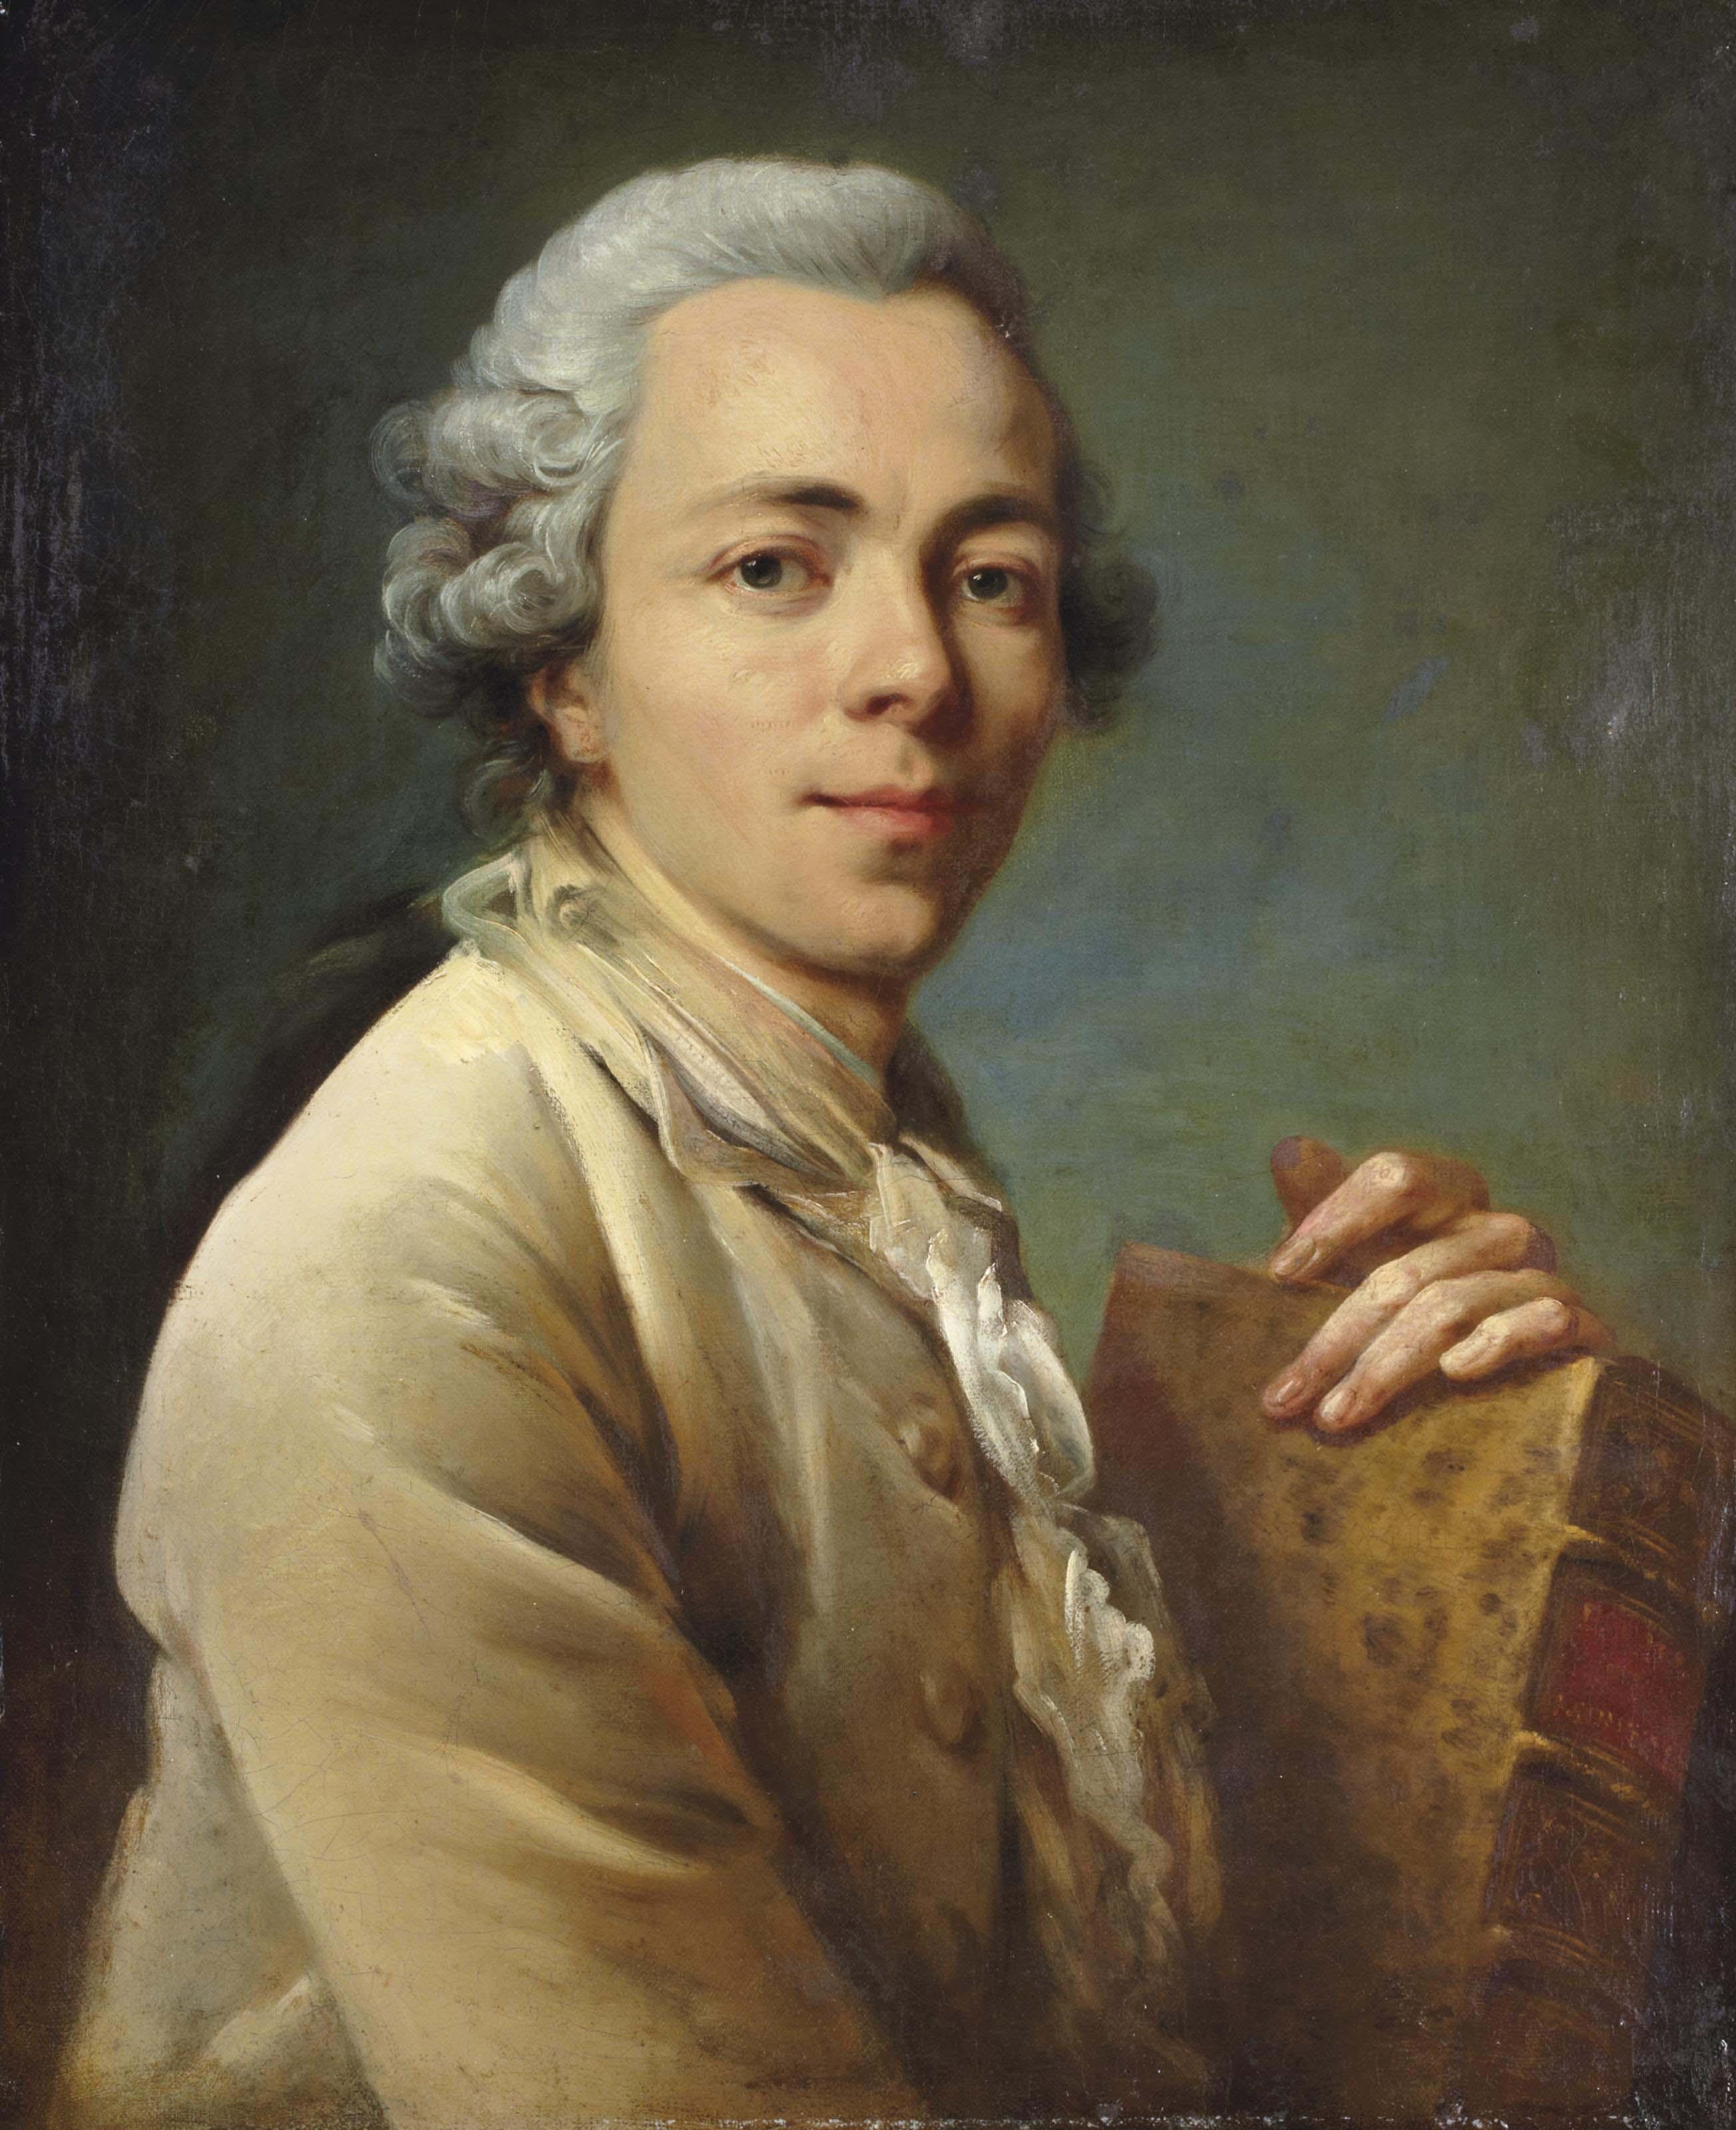 Portrait d'un homme portant un exemplaire des Essais de Montaigne